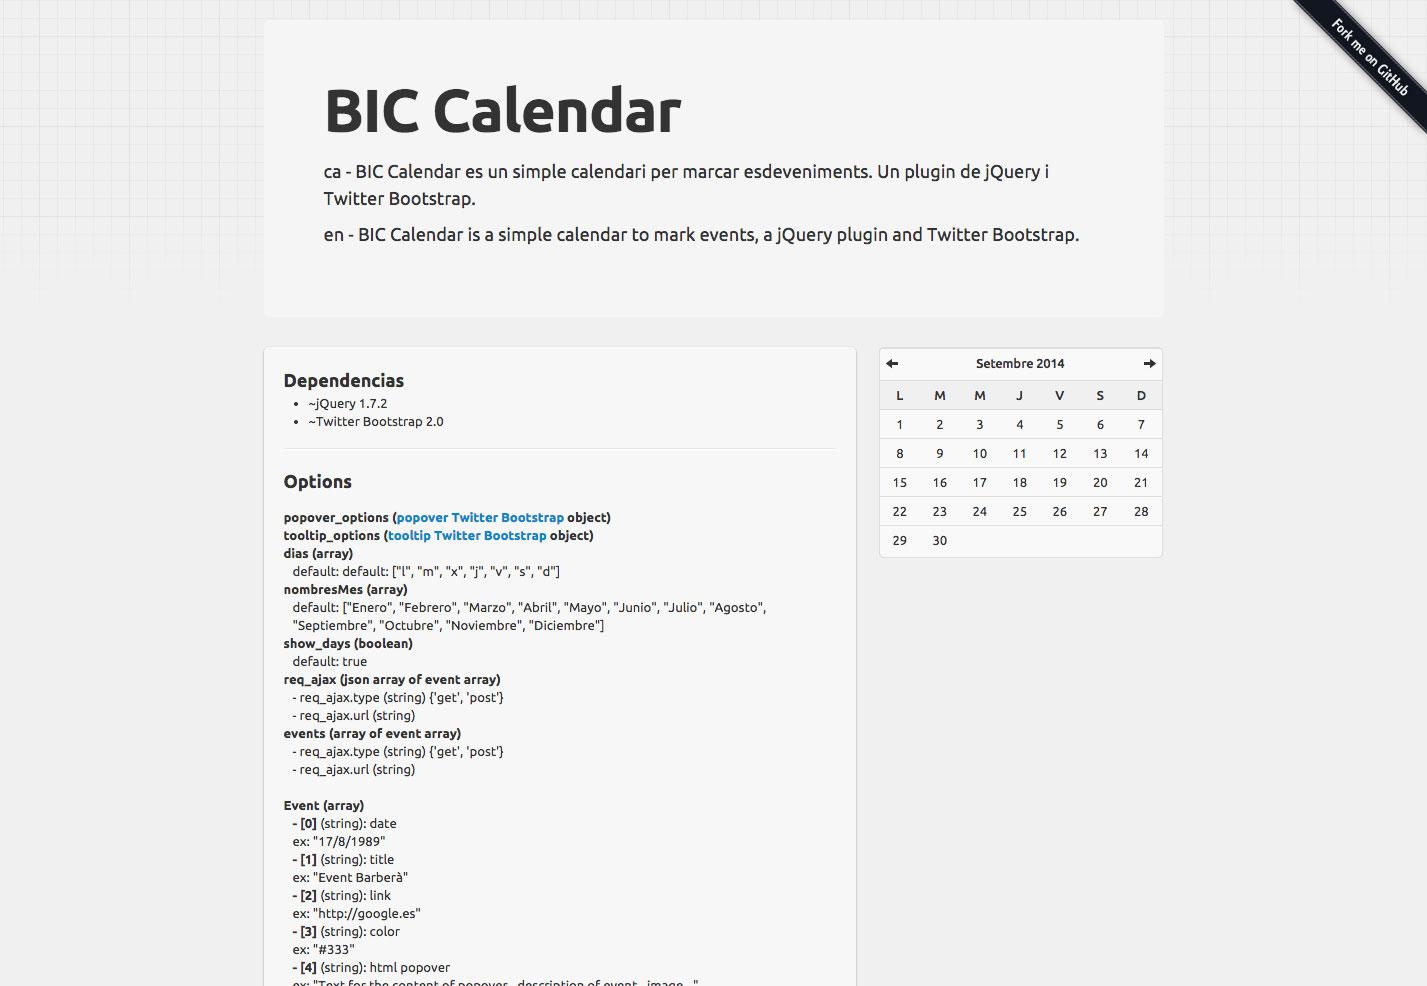 bic kalender